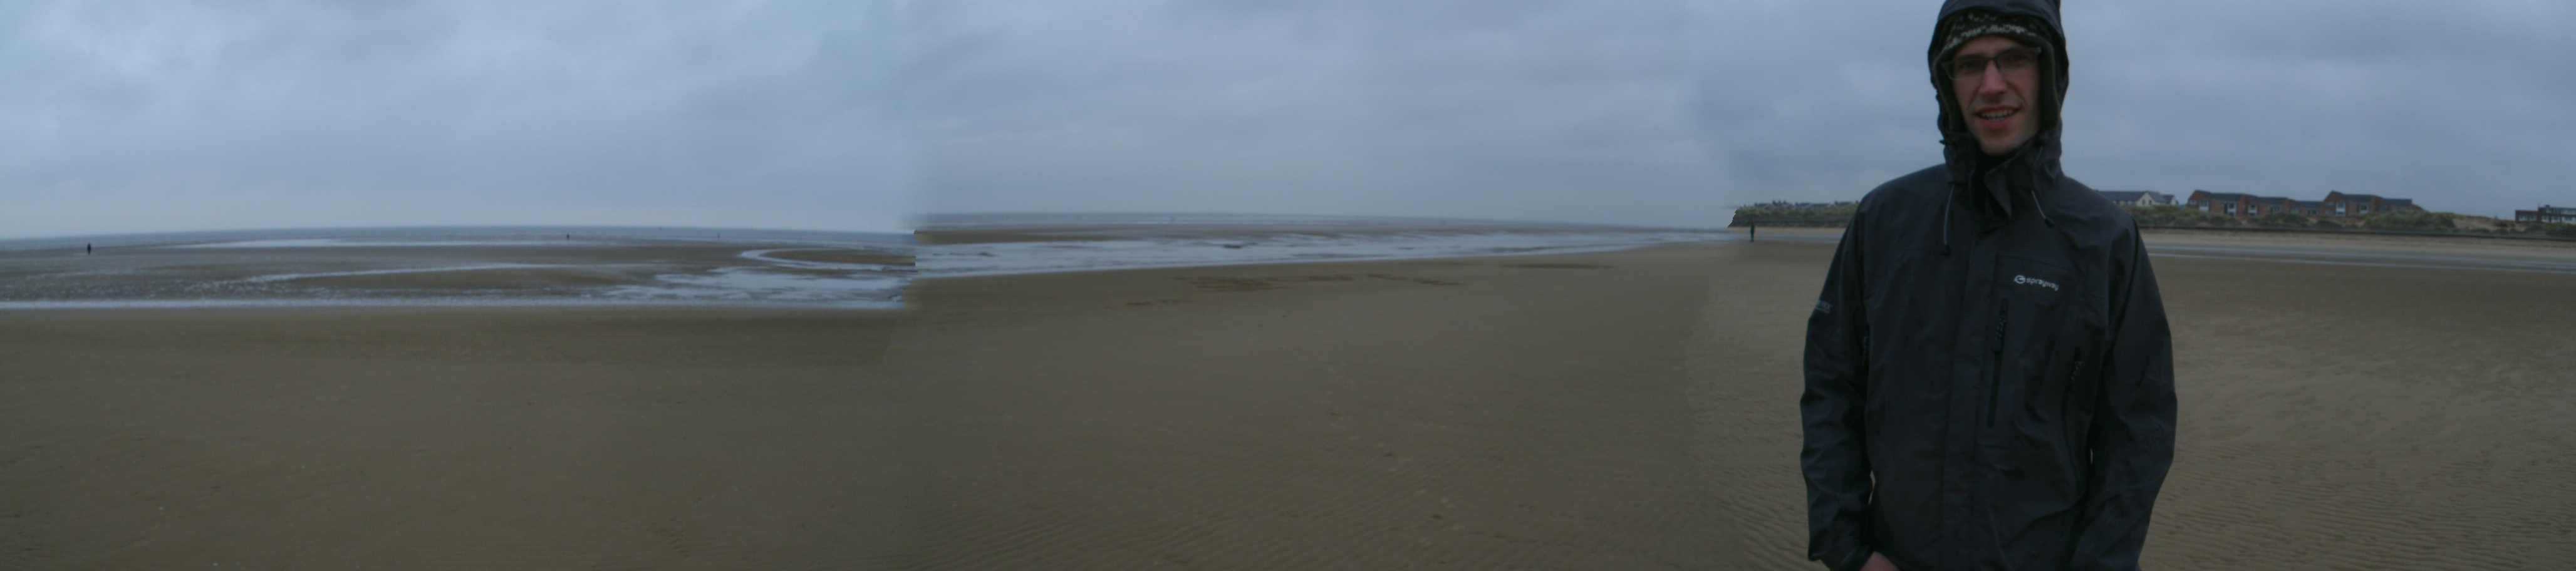 Aidan on the beach